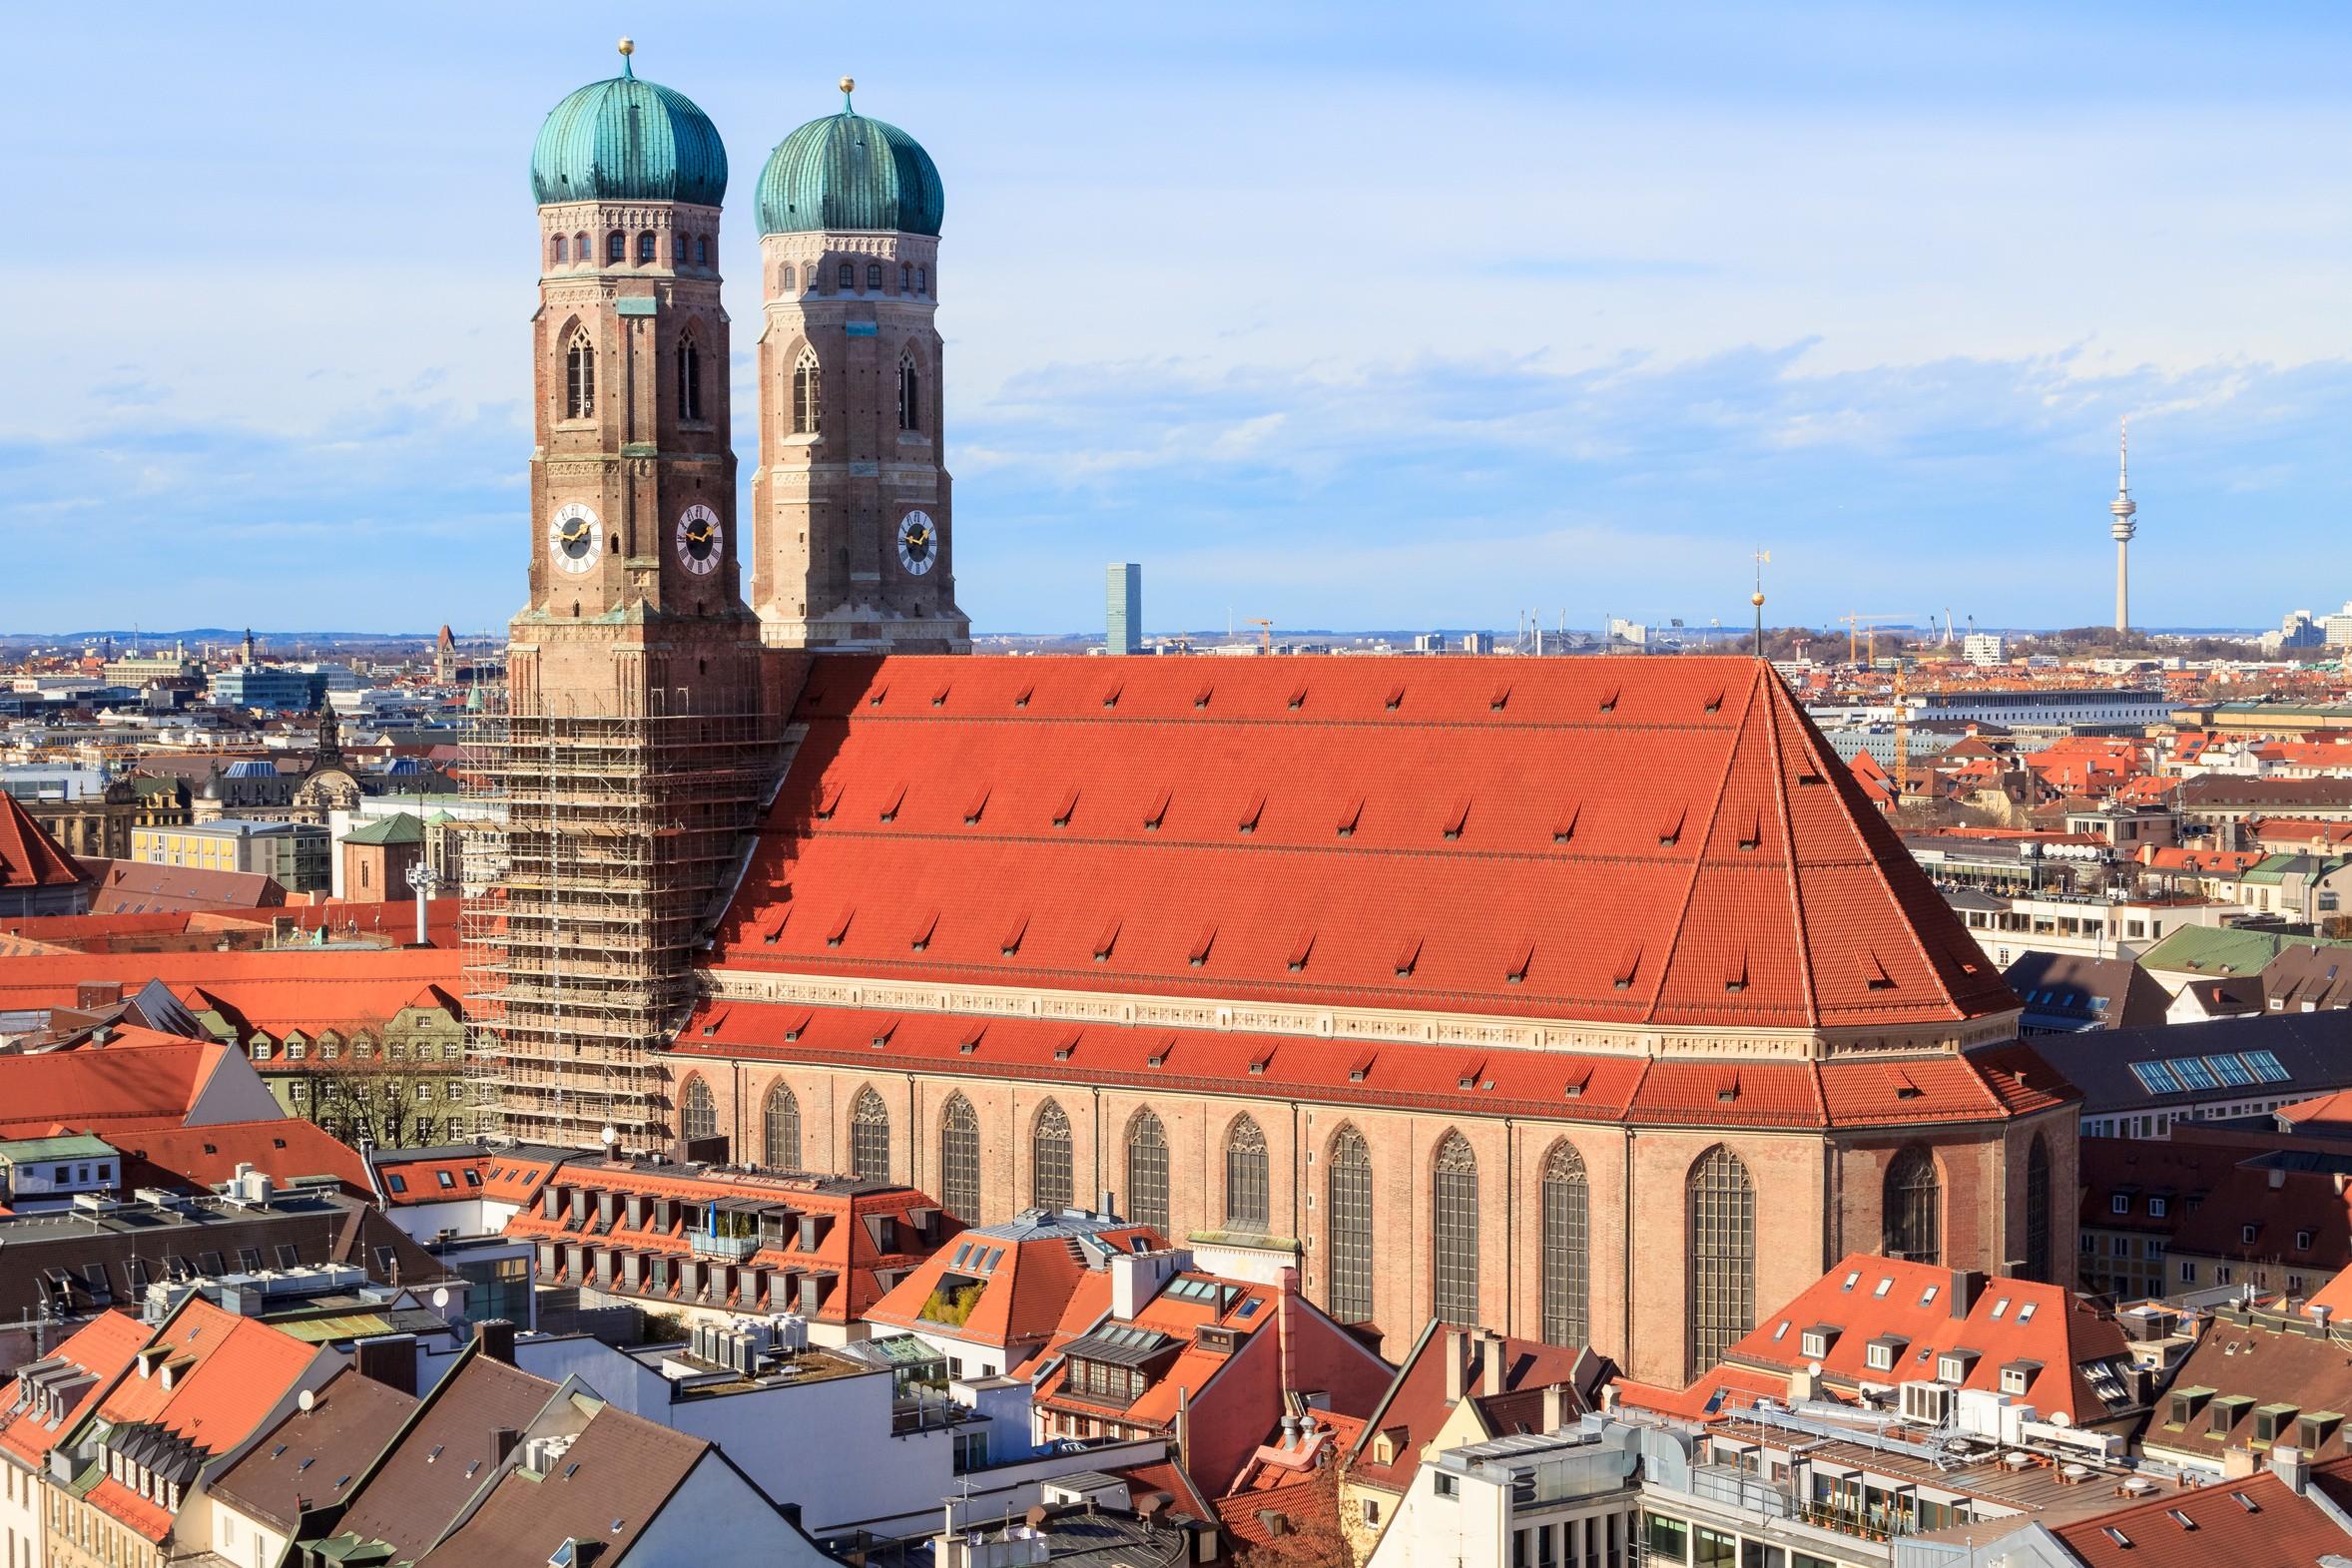 München | Frauenkirche